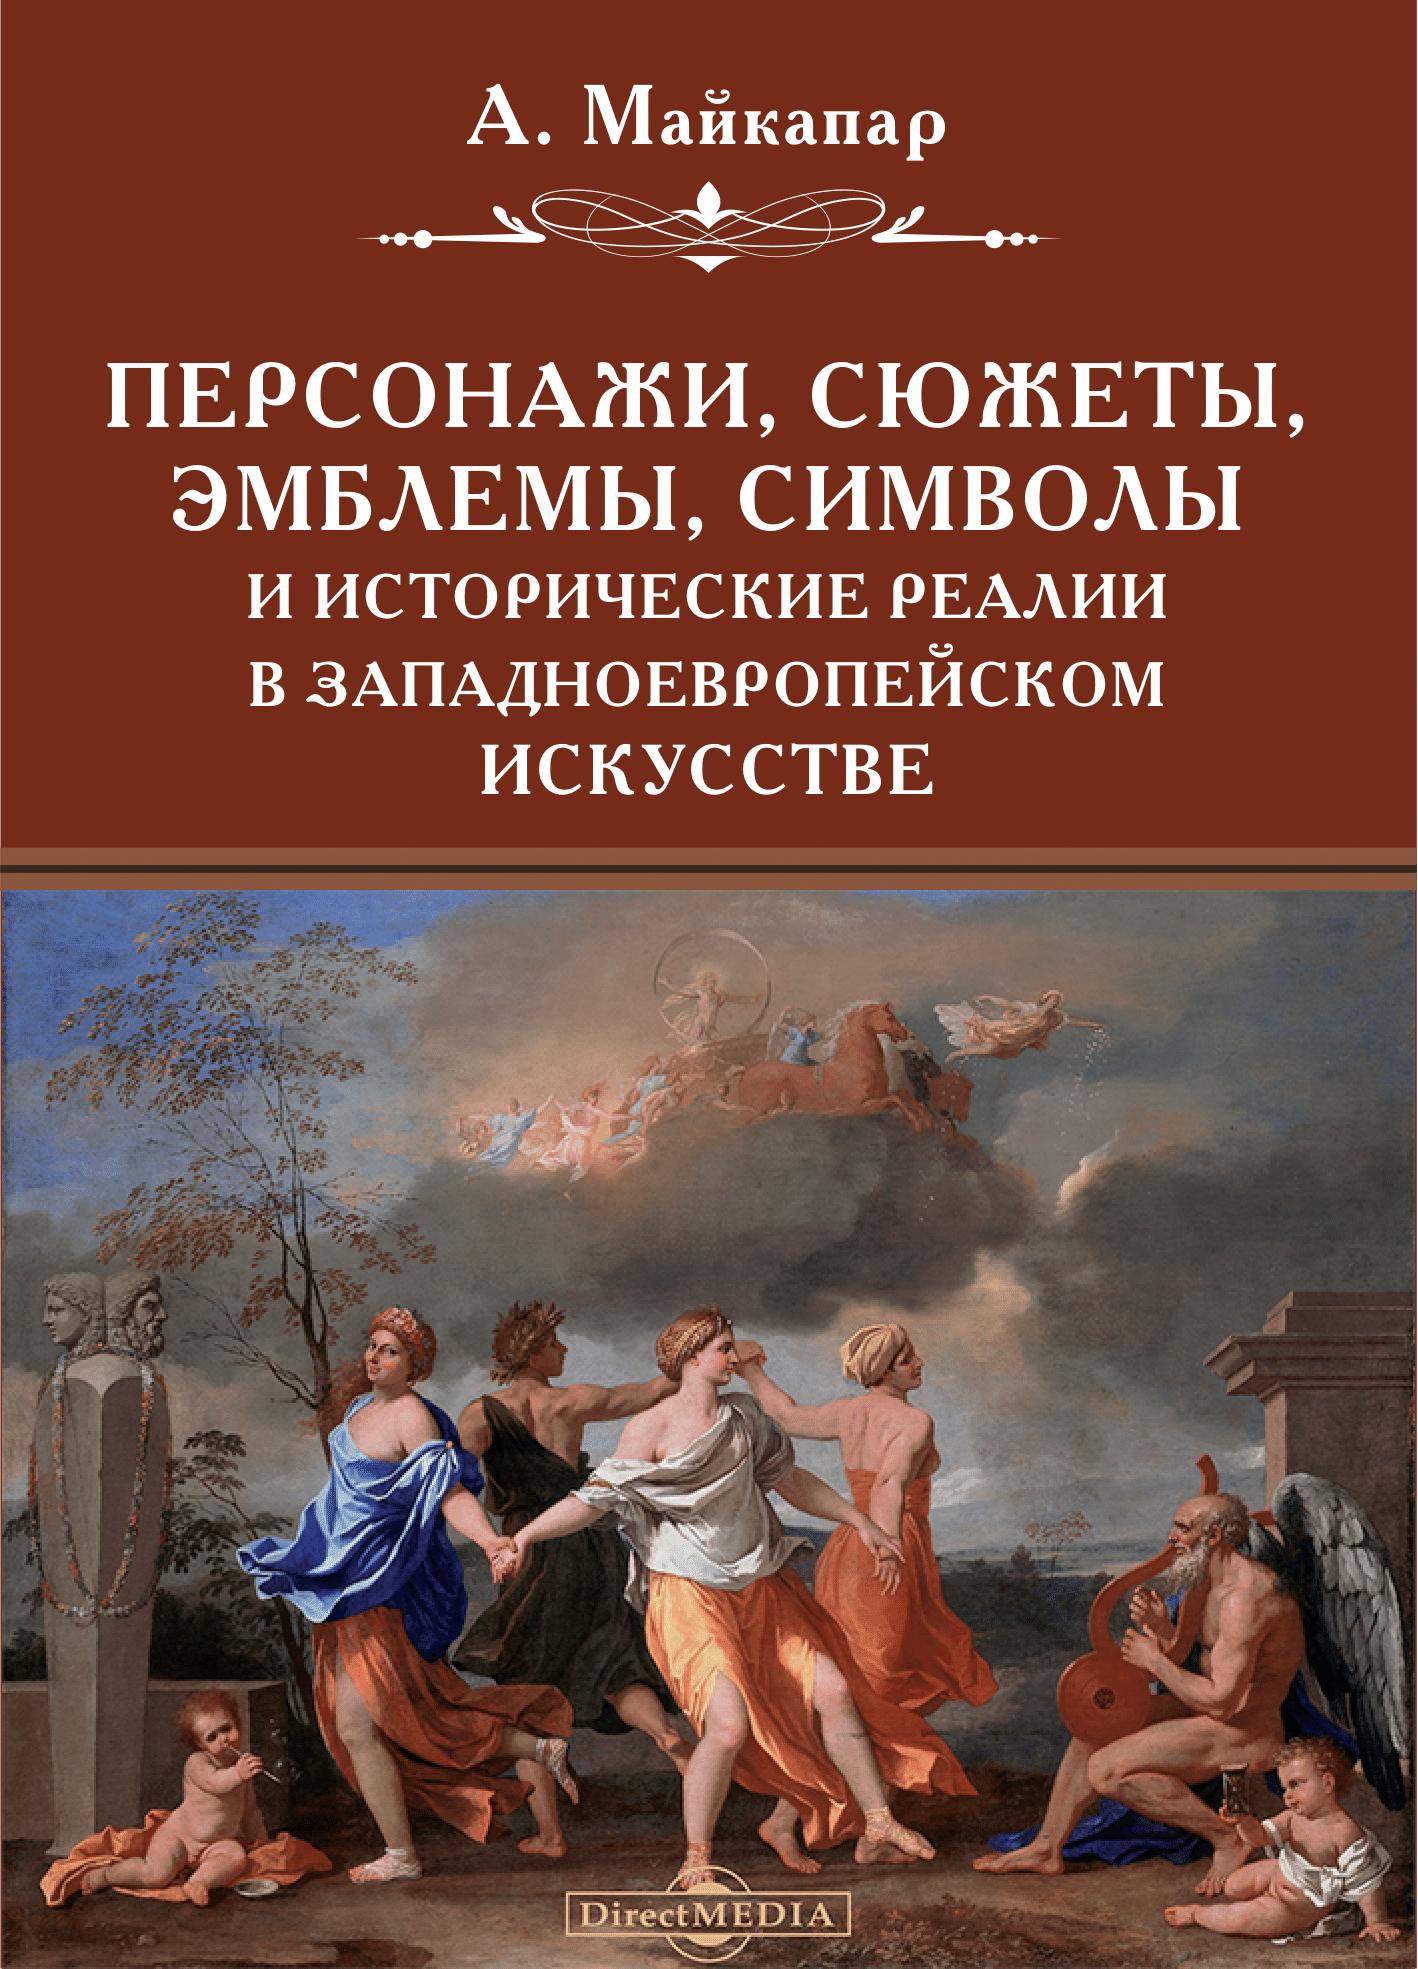 Майкапар А.: Персонажи, сюжеты, эмблемы, символы и исторические реалии  в западноевропейском искусстве